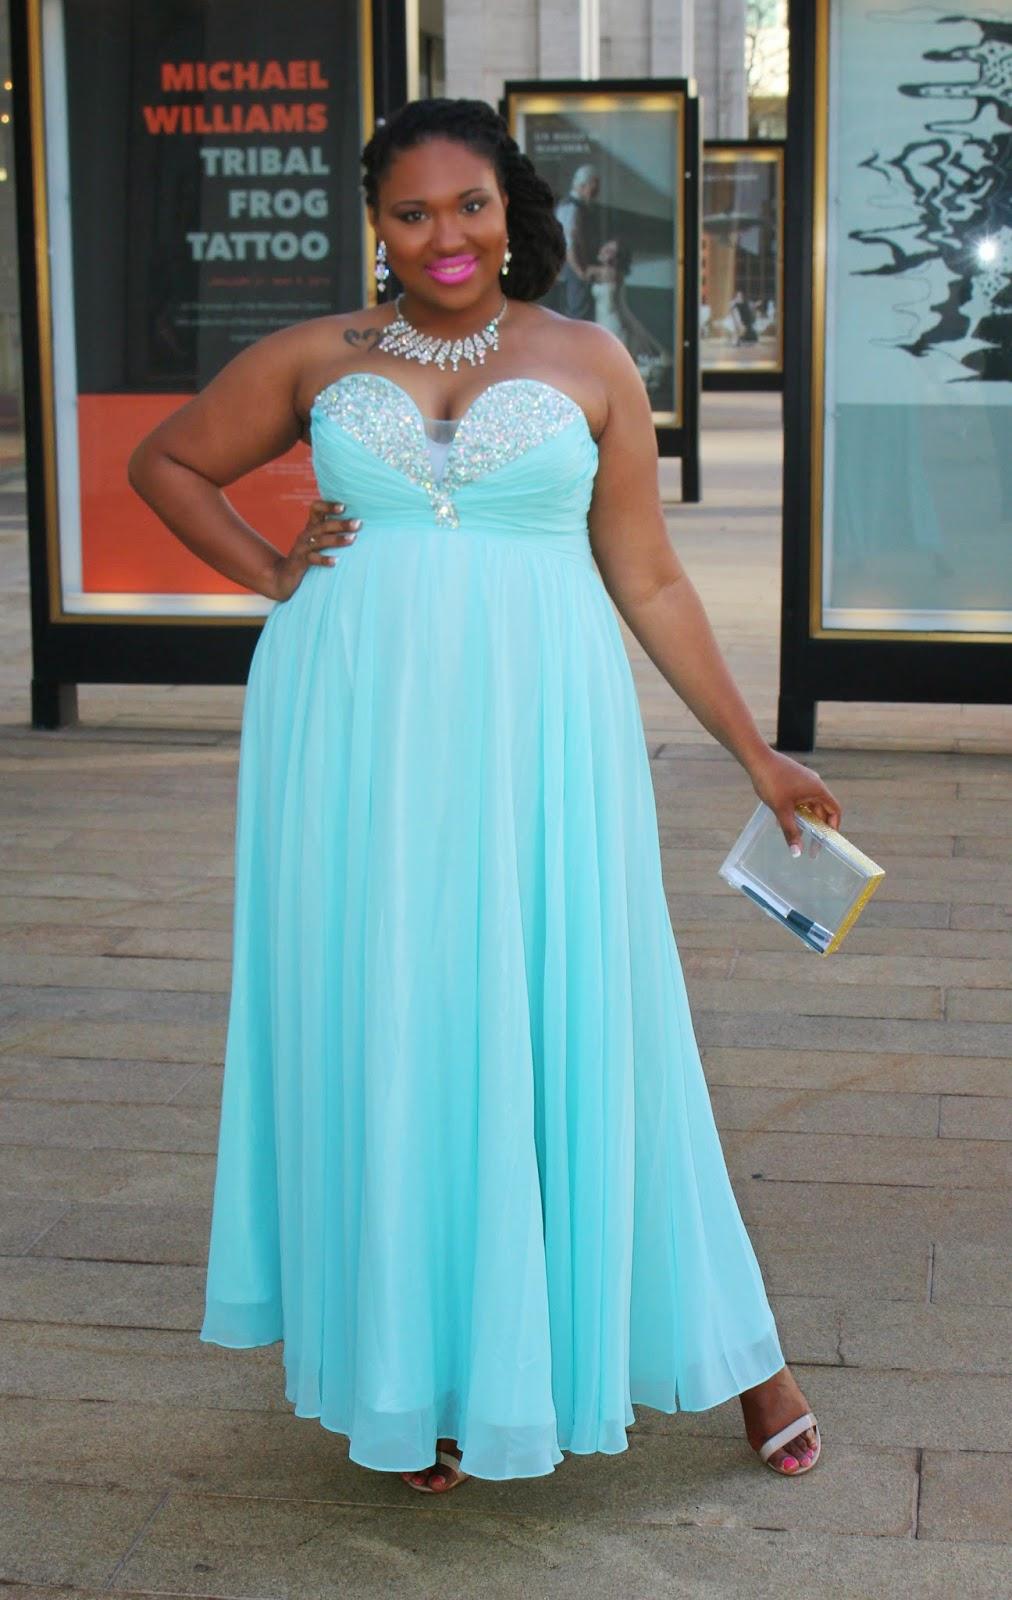 Prom Girl 2015 | Curvy Fashion